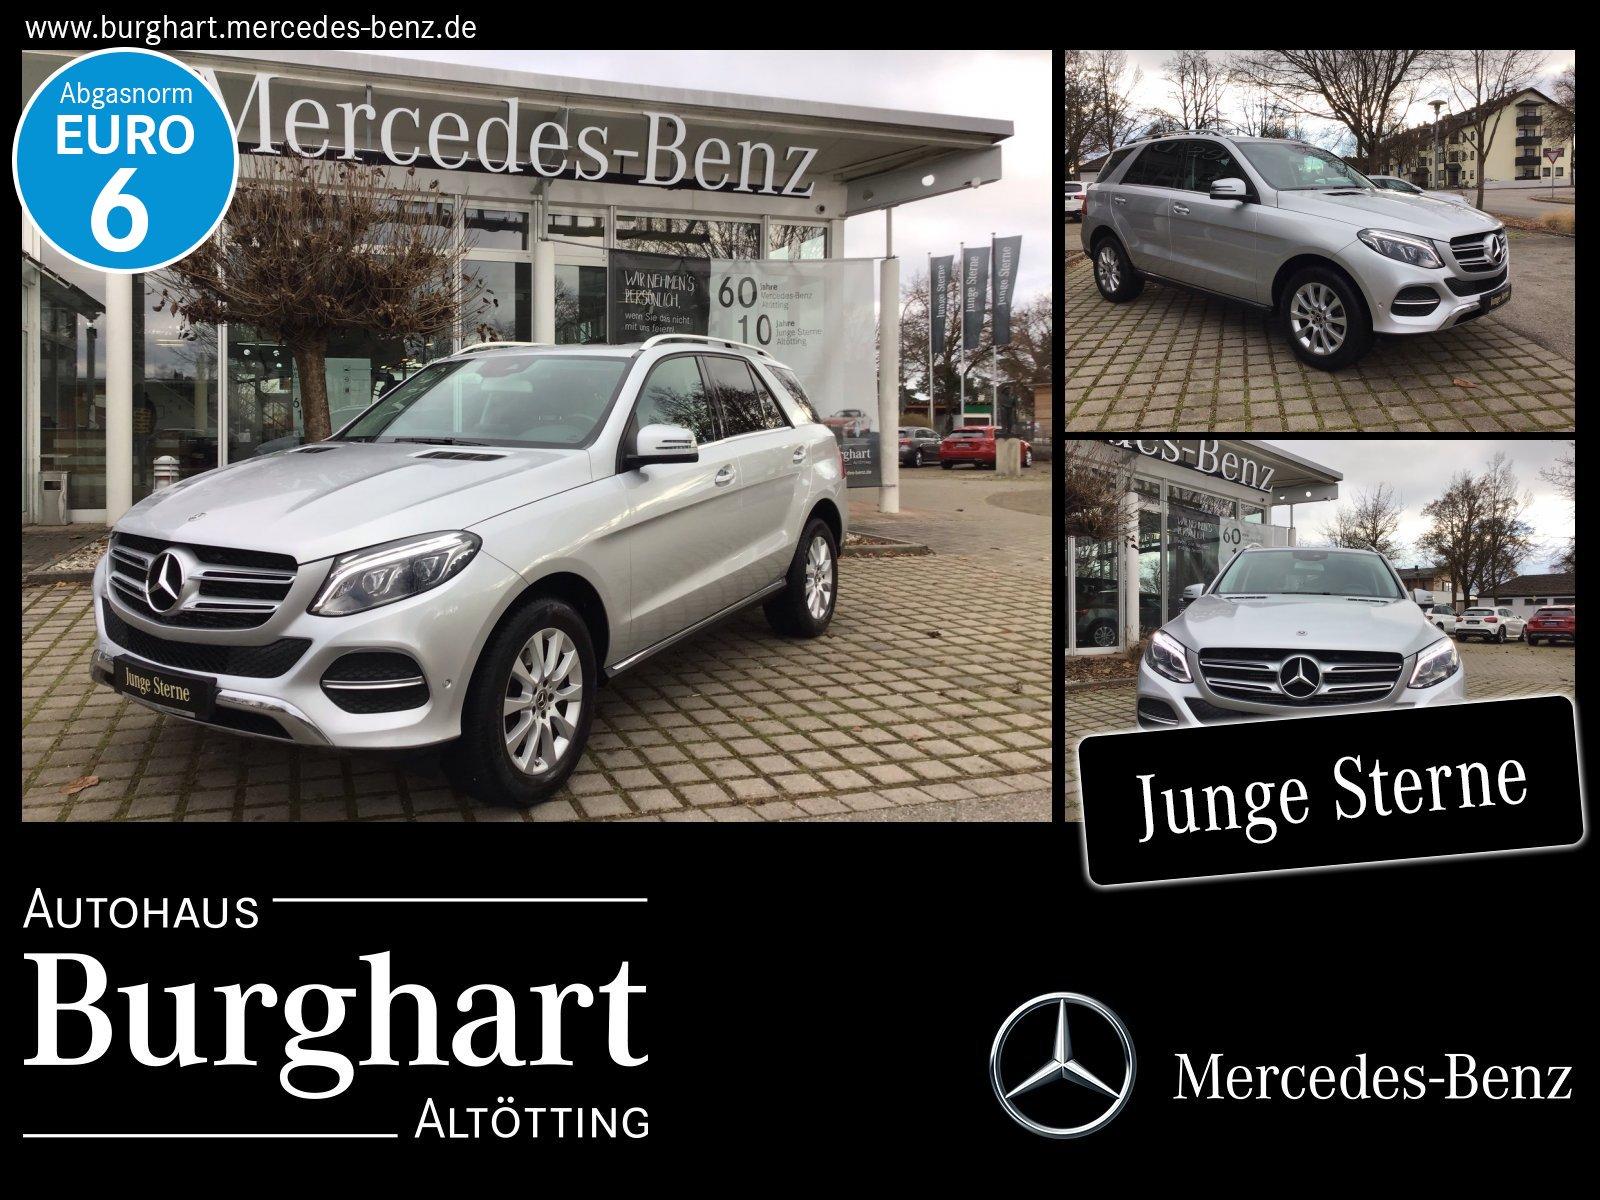 Mercedes-Benz GLE 250 d 4MATIC Schiebedach/AHK/Totwinkel/LED, Jahr 2017, Diesel